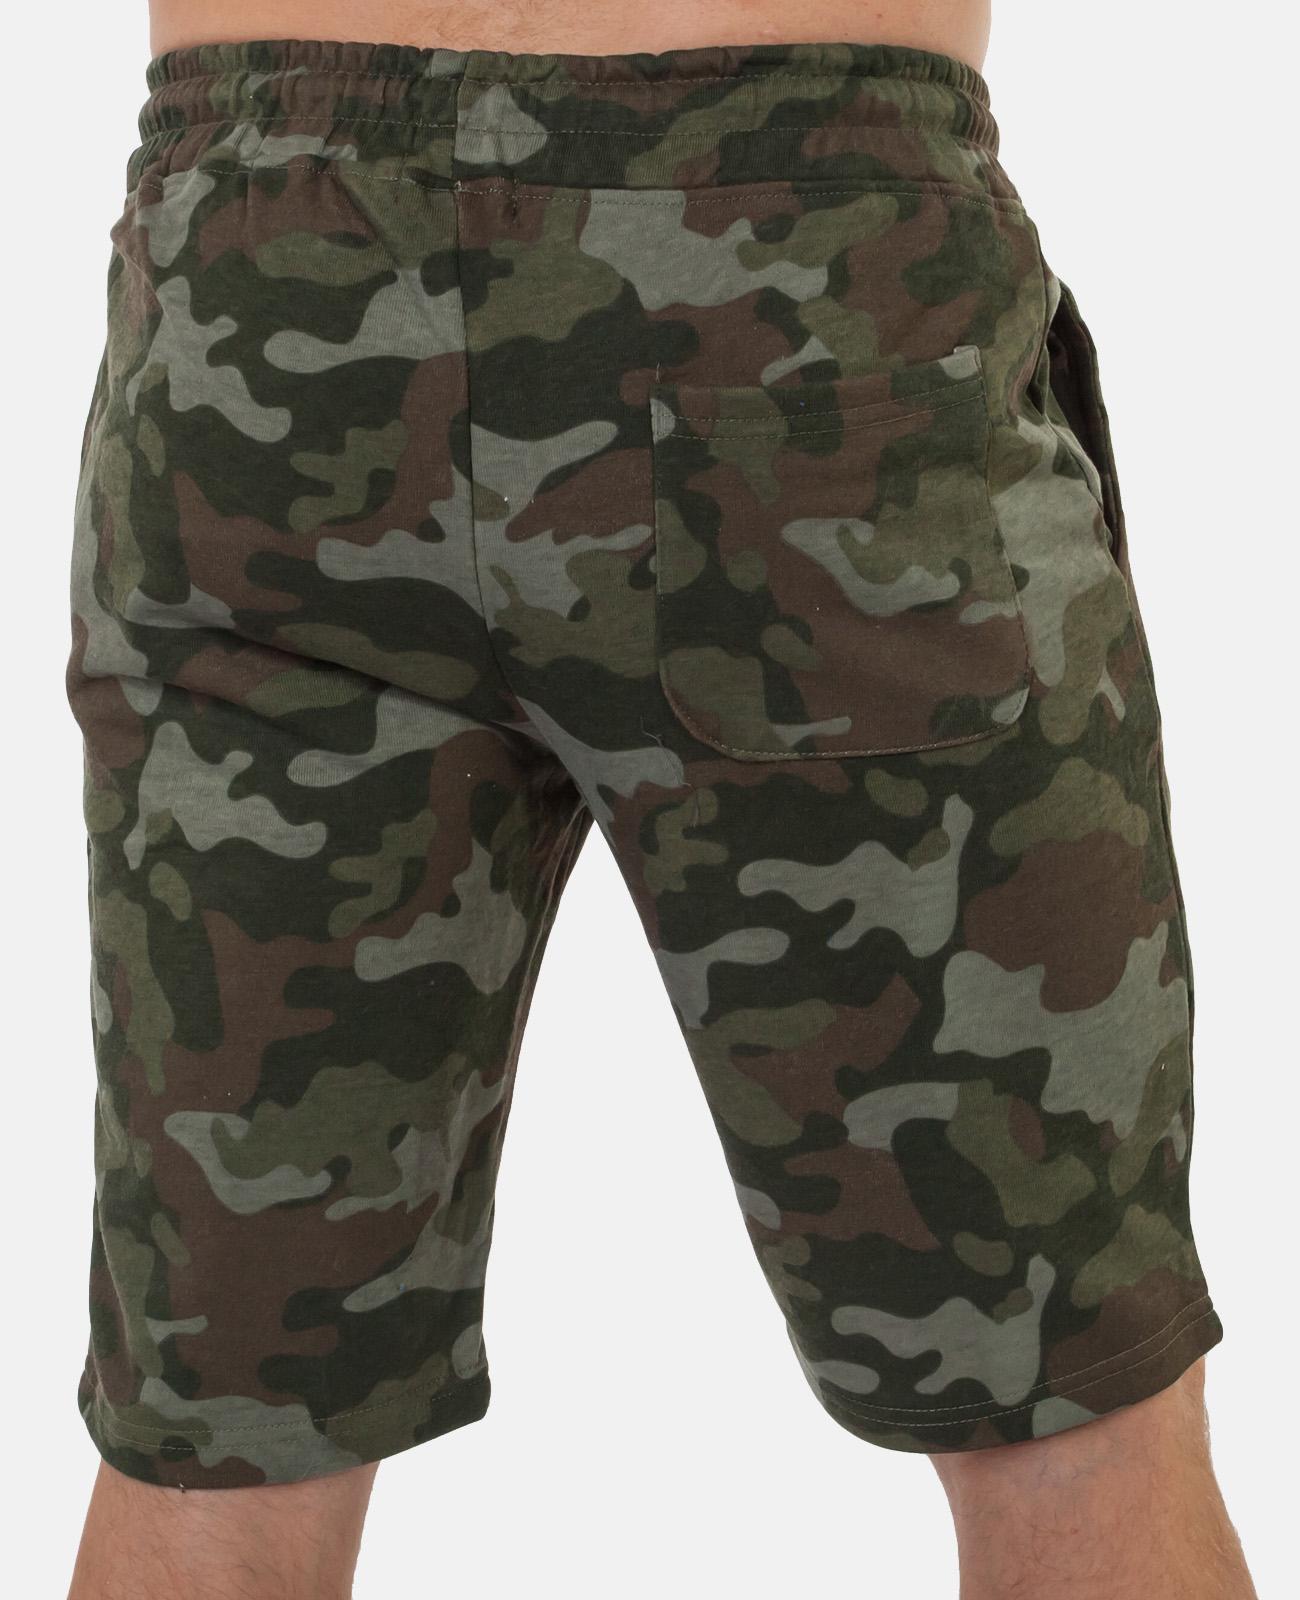 Купить военные милитари шорты с нашивкой Россия оптом или в розницу